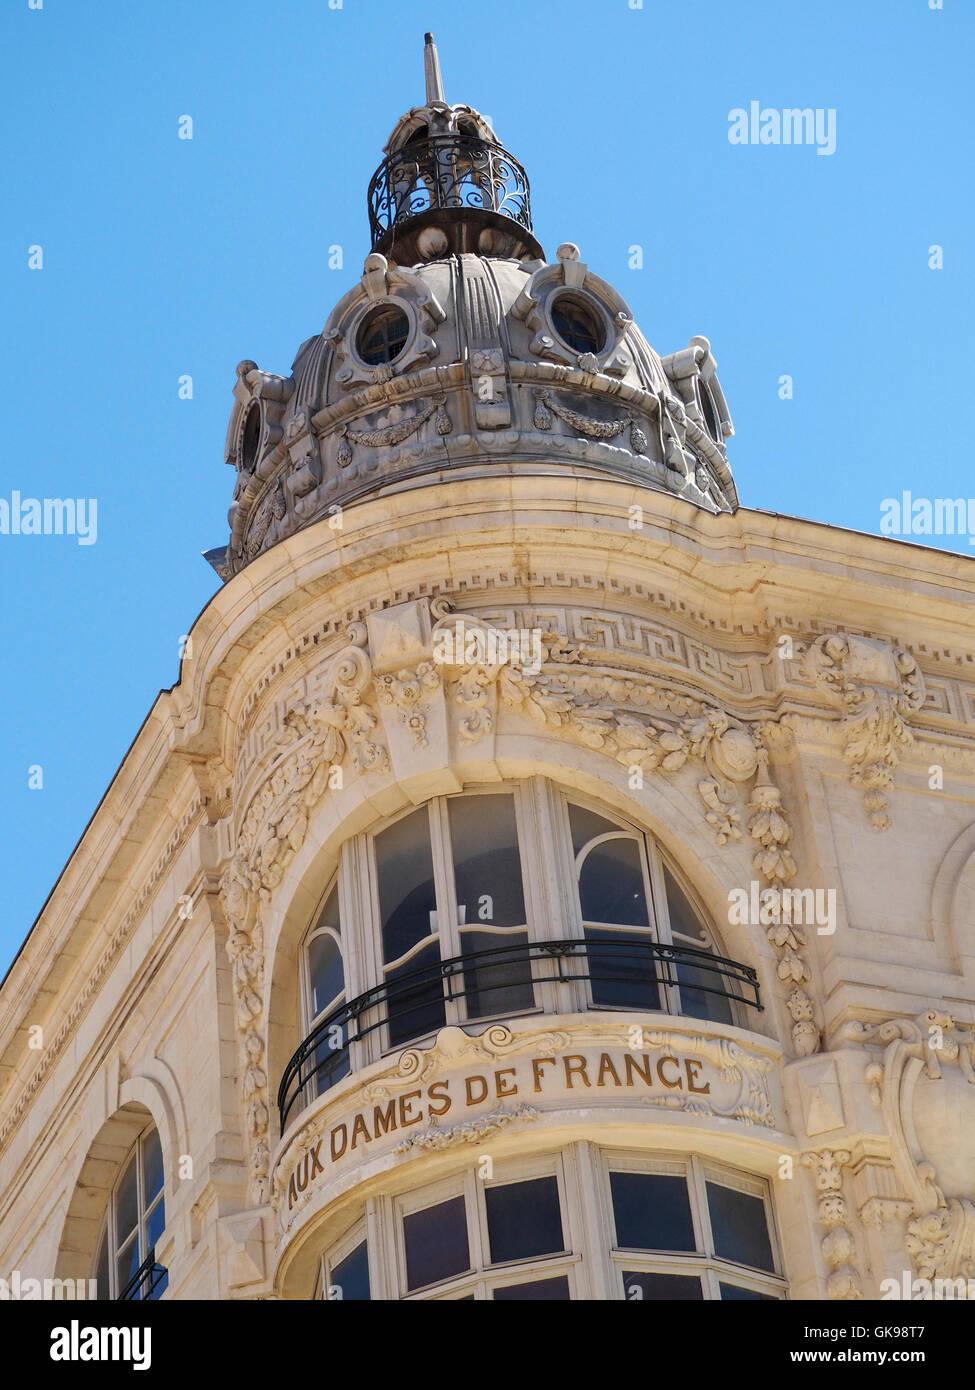 Aux dames de France détail département, Narbonne, Languedoc Roussillon, France. L'entreprise a été Photo Stock